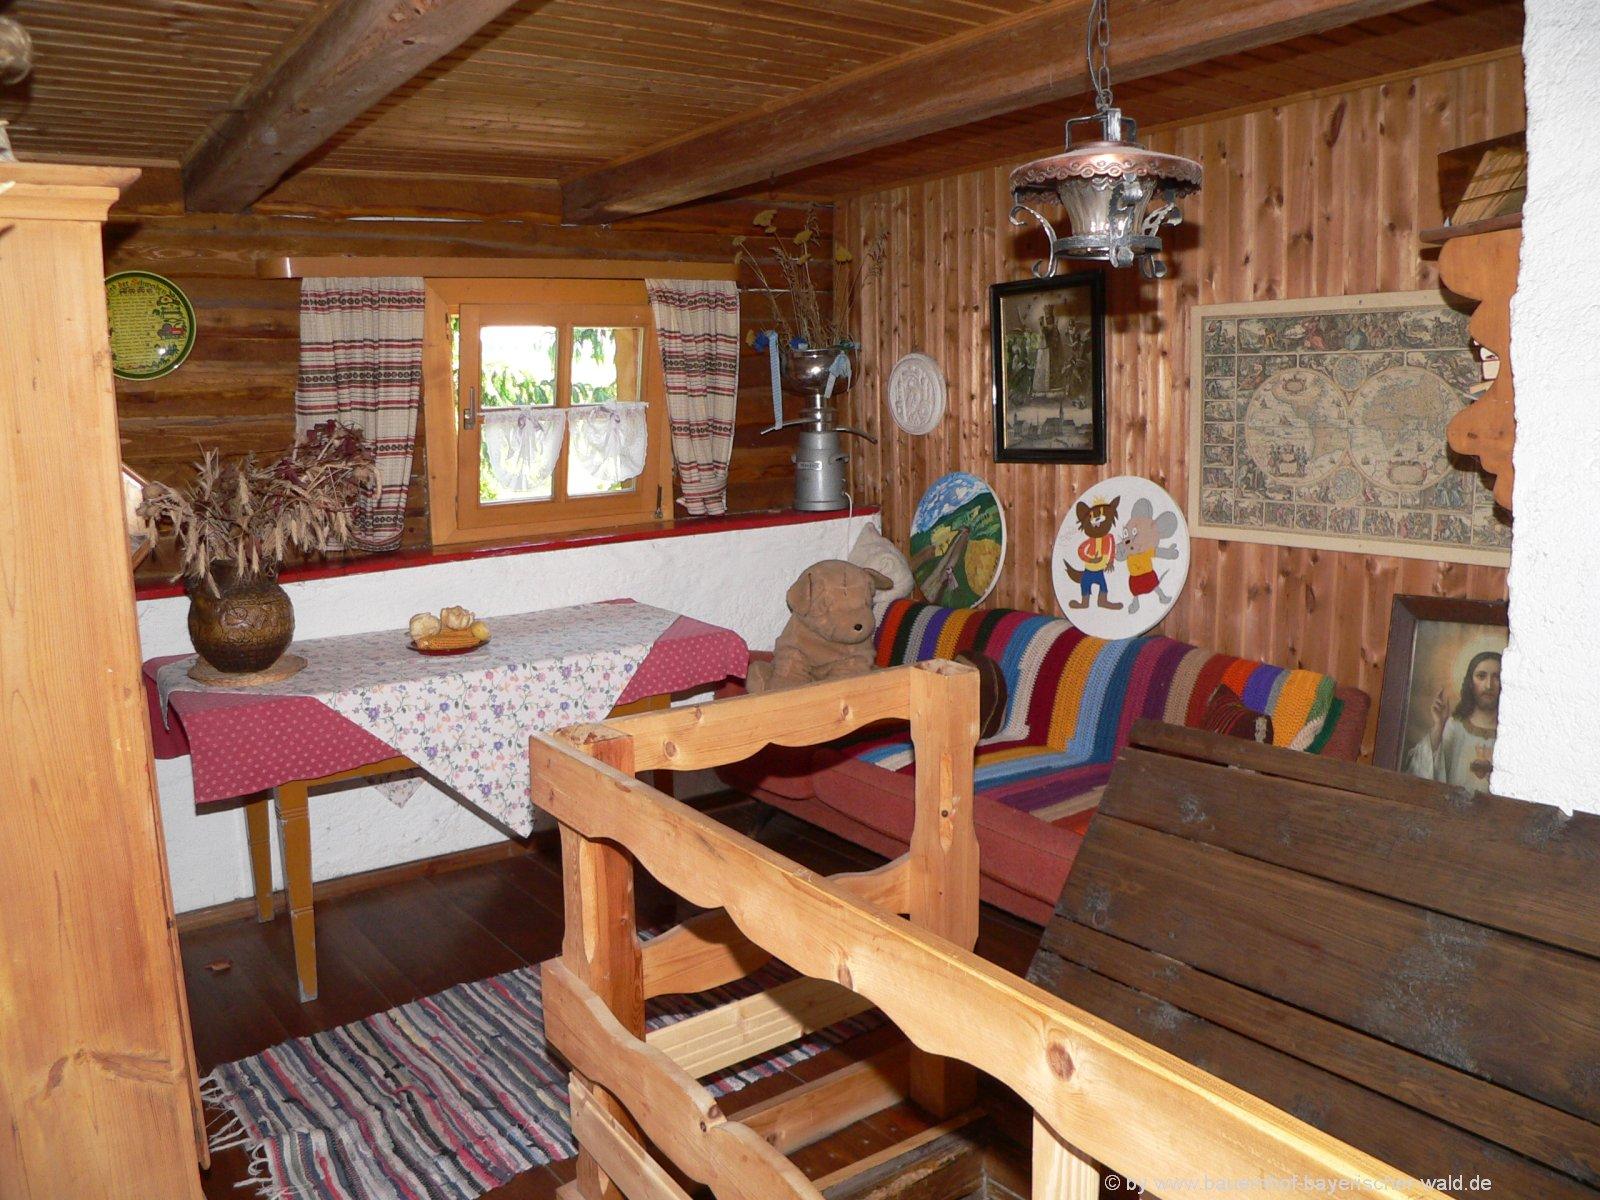 Ferienhaus im Bayerischen Wald Ferienhäuser auf dem Bauernhof Bayern